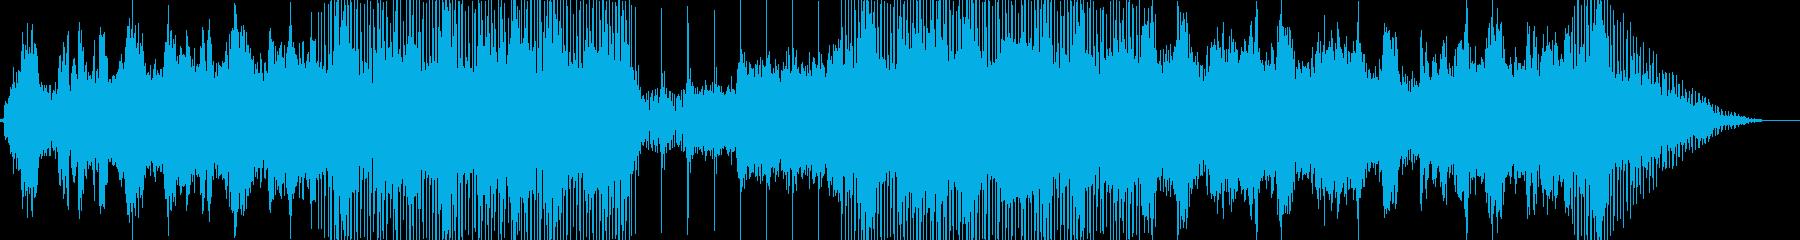 幻想的な空気のアンビエント楽曲です。の再生済みの波形